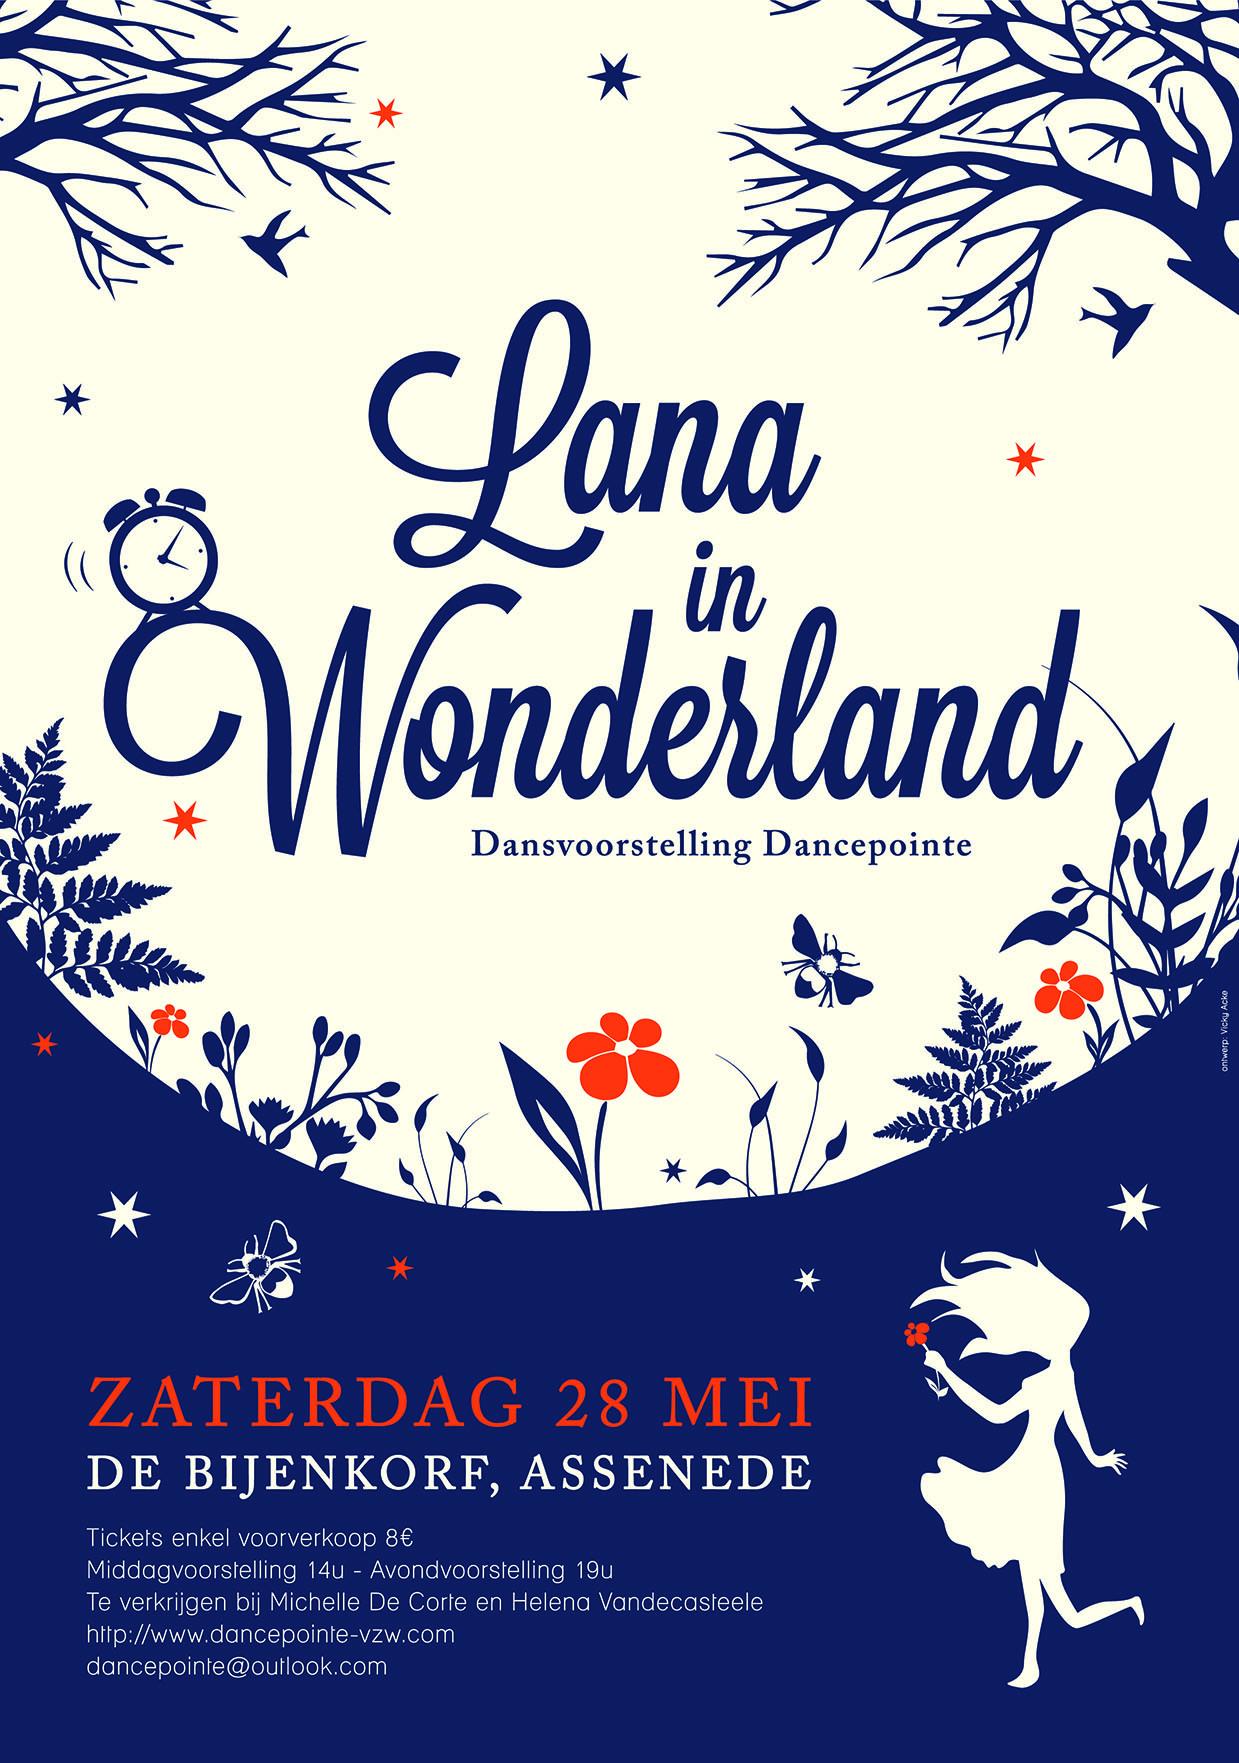 Lana in Wonderland (2016)